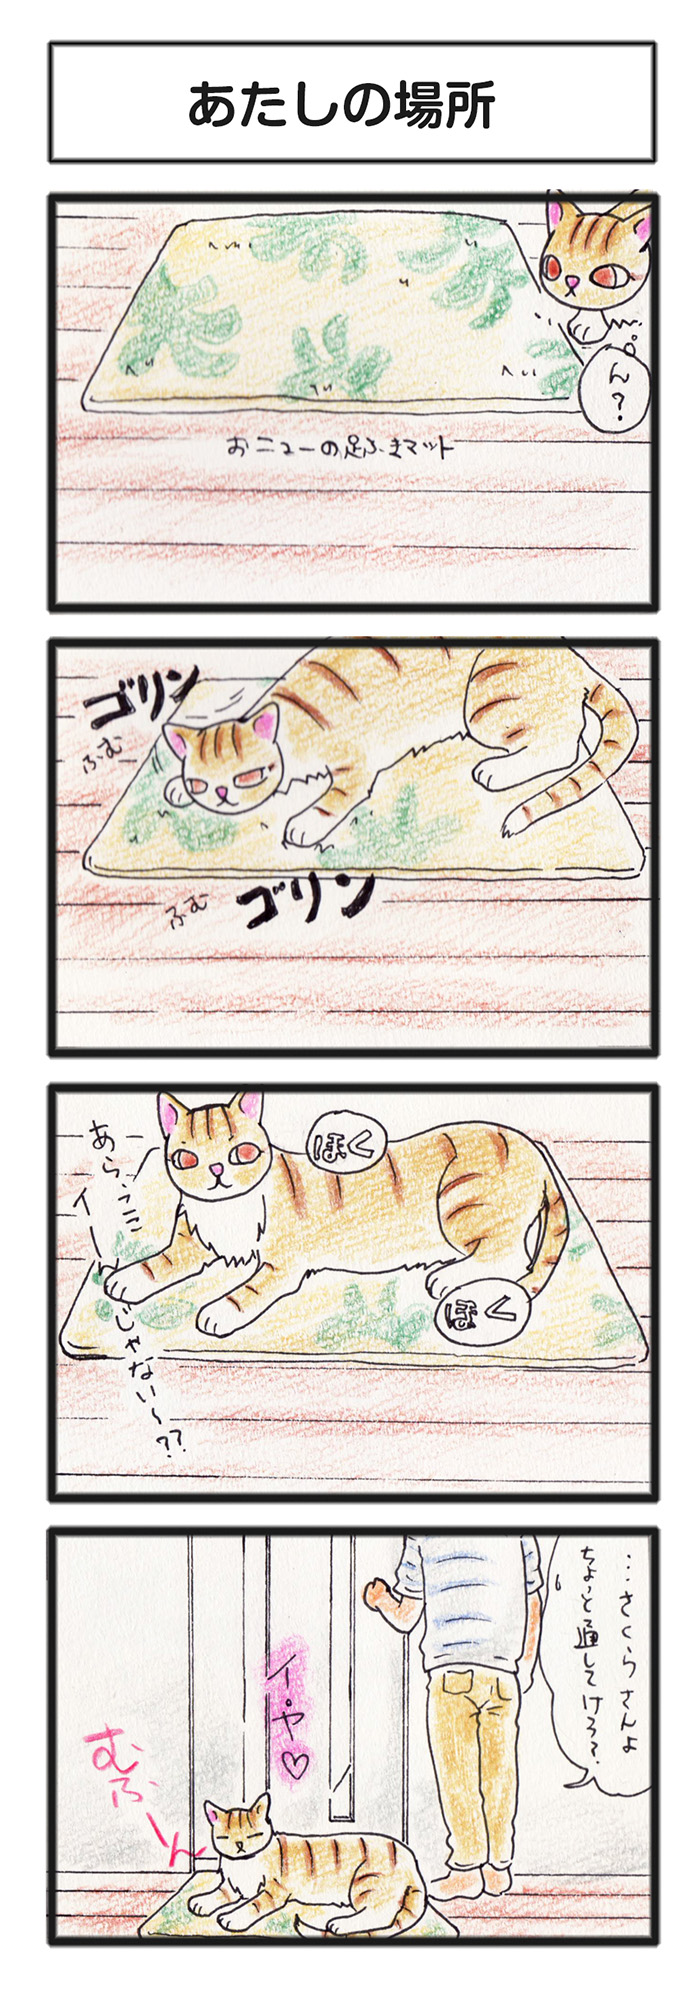 comic_4c_14101801.jpg